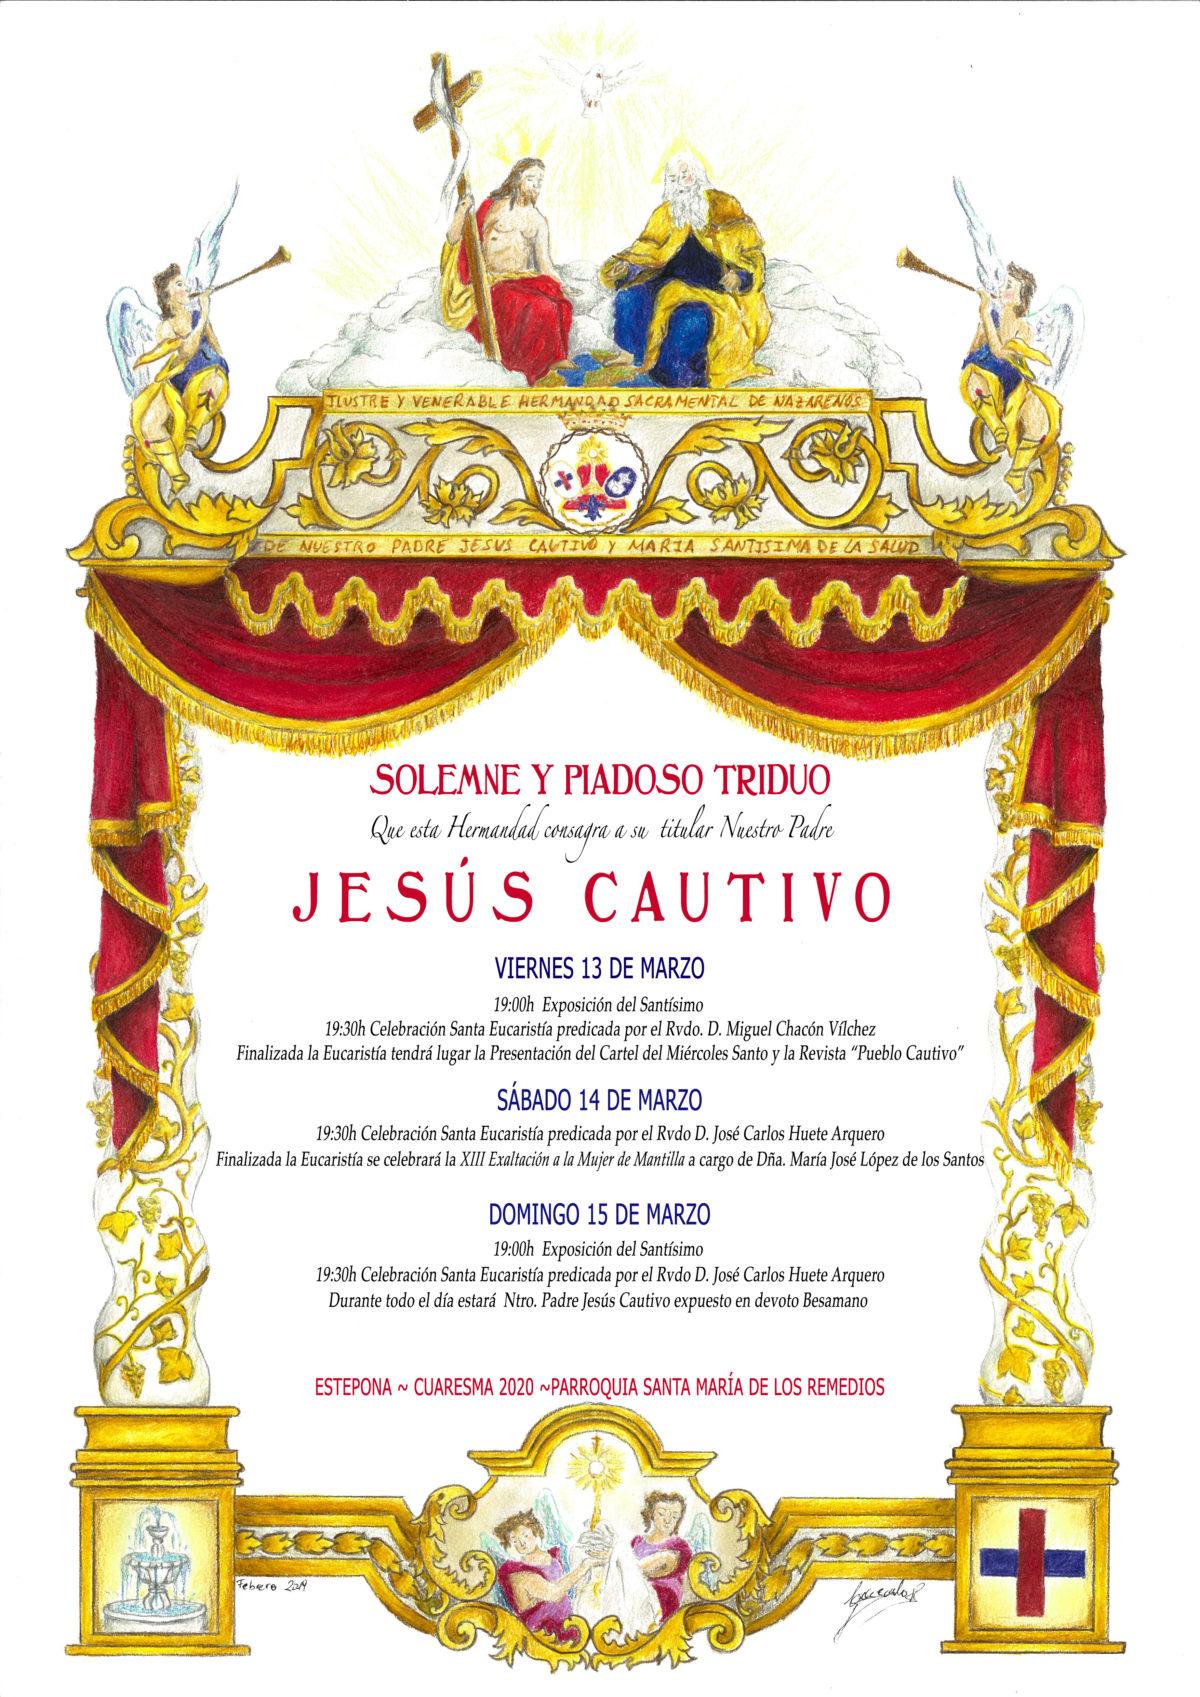 ORLA-CULTO-CAUTIVO-1200x1697.jpg